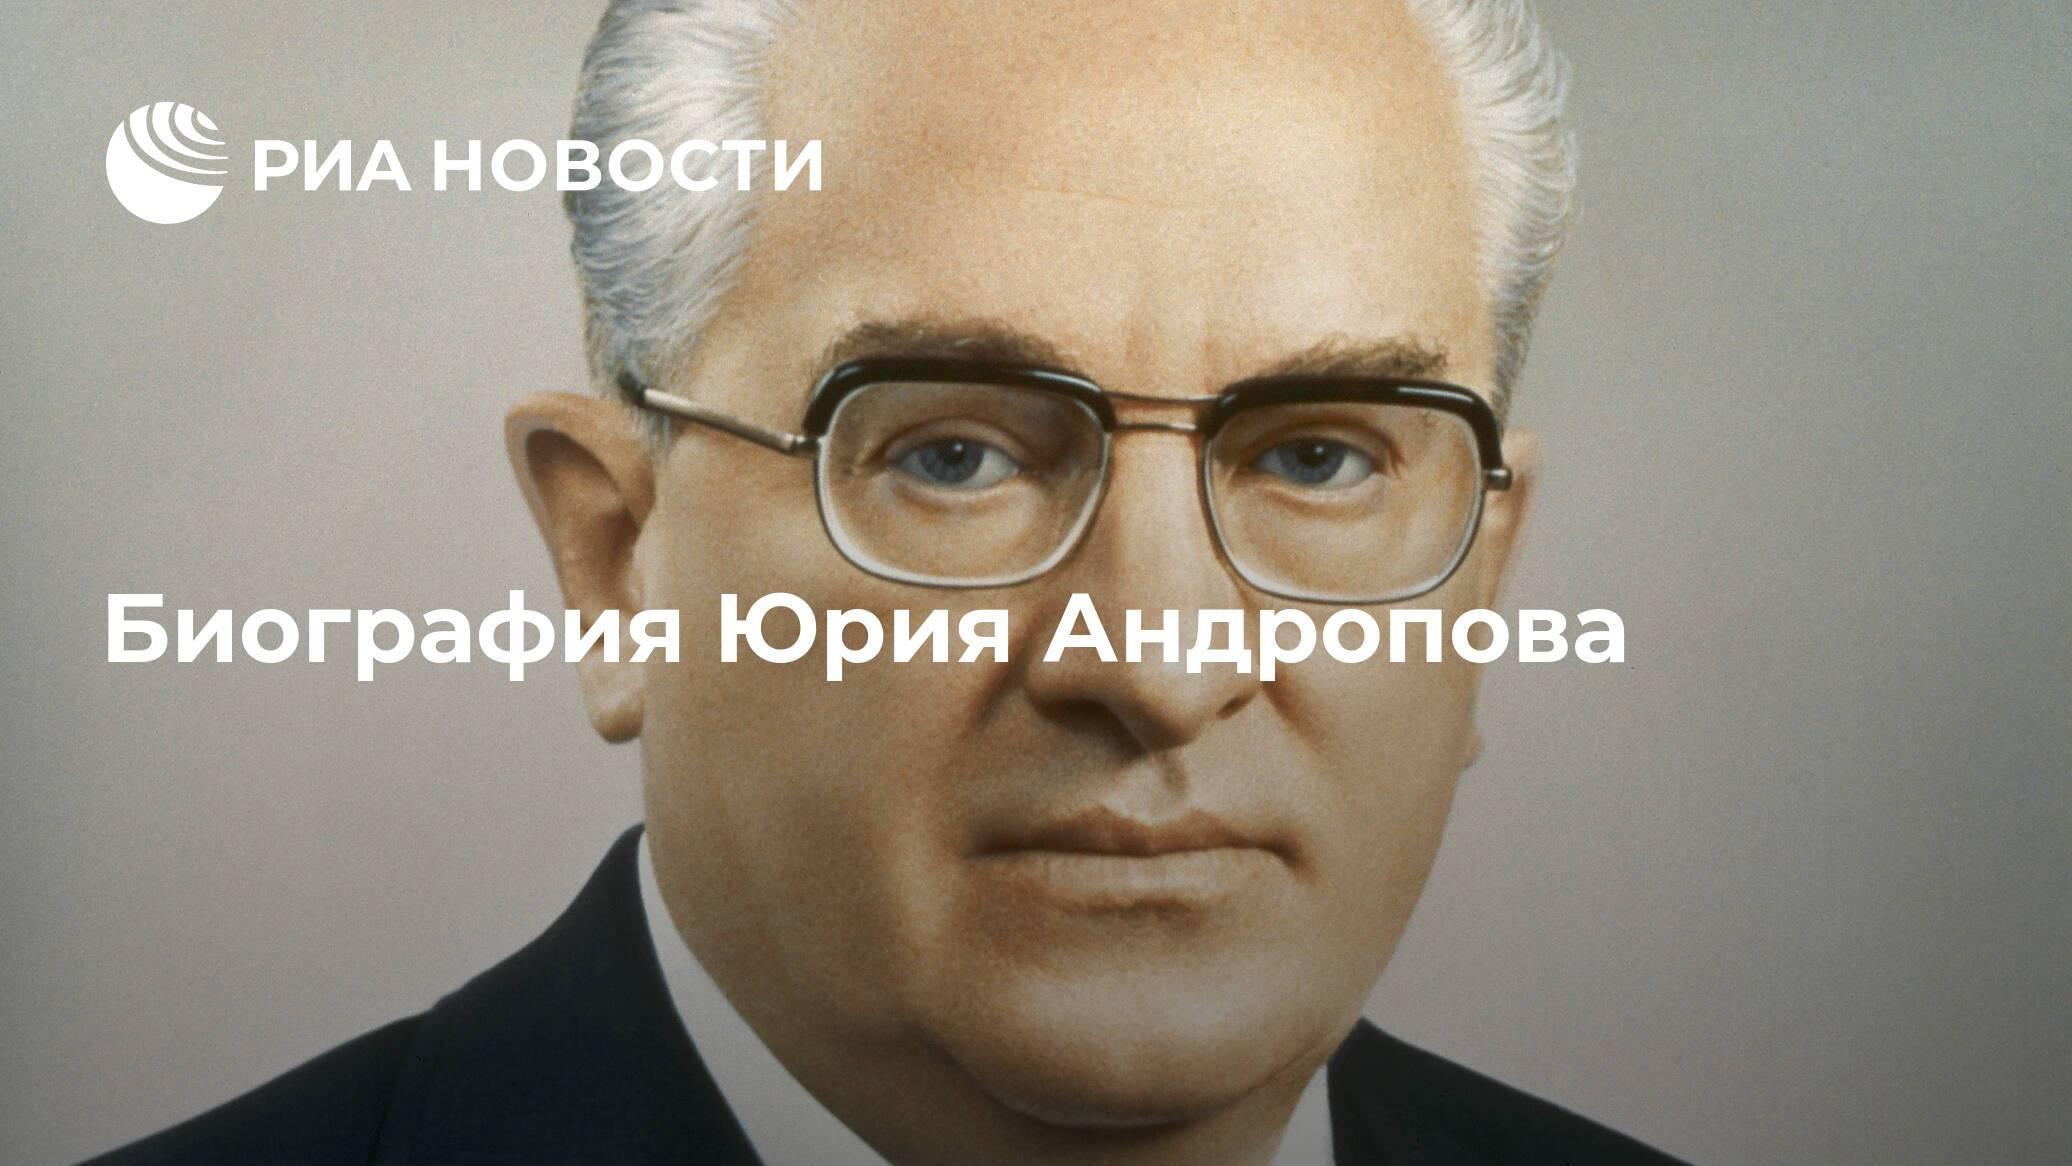 Андропов юрий владимирович — краткая биография